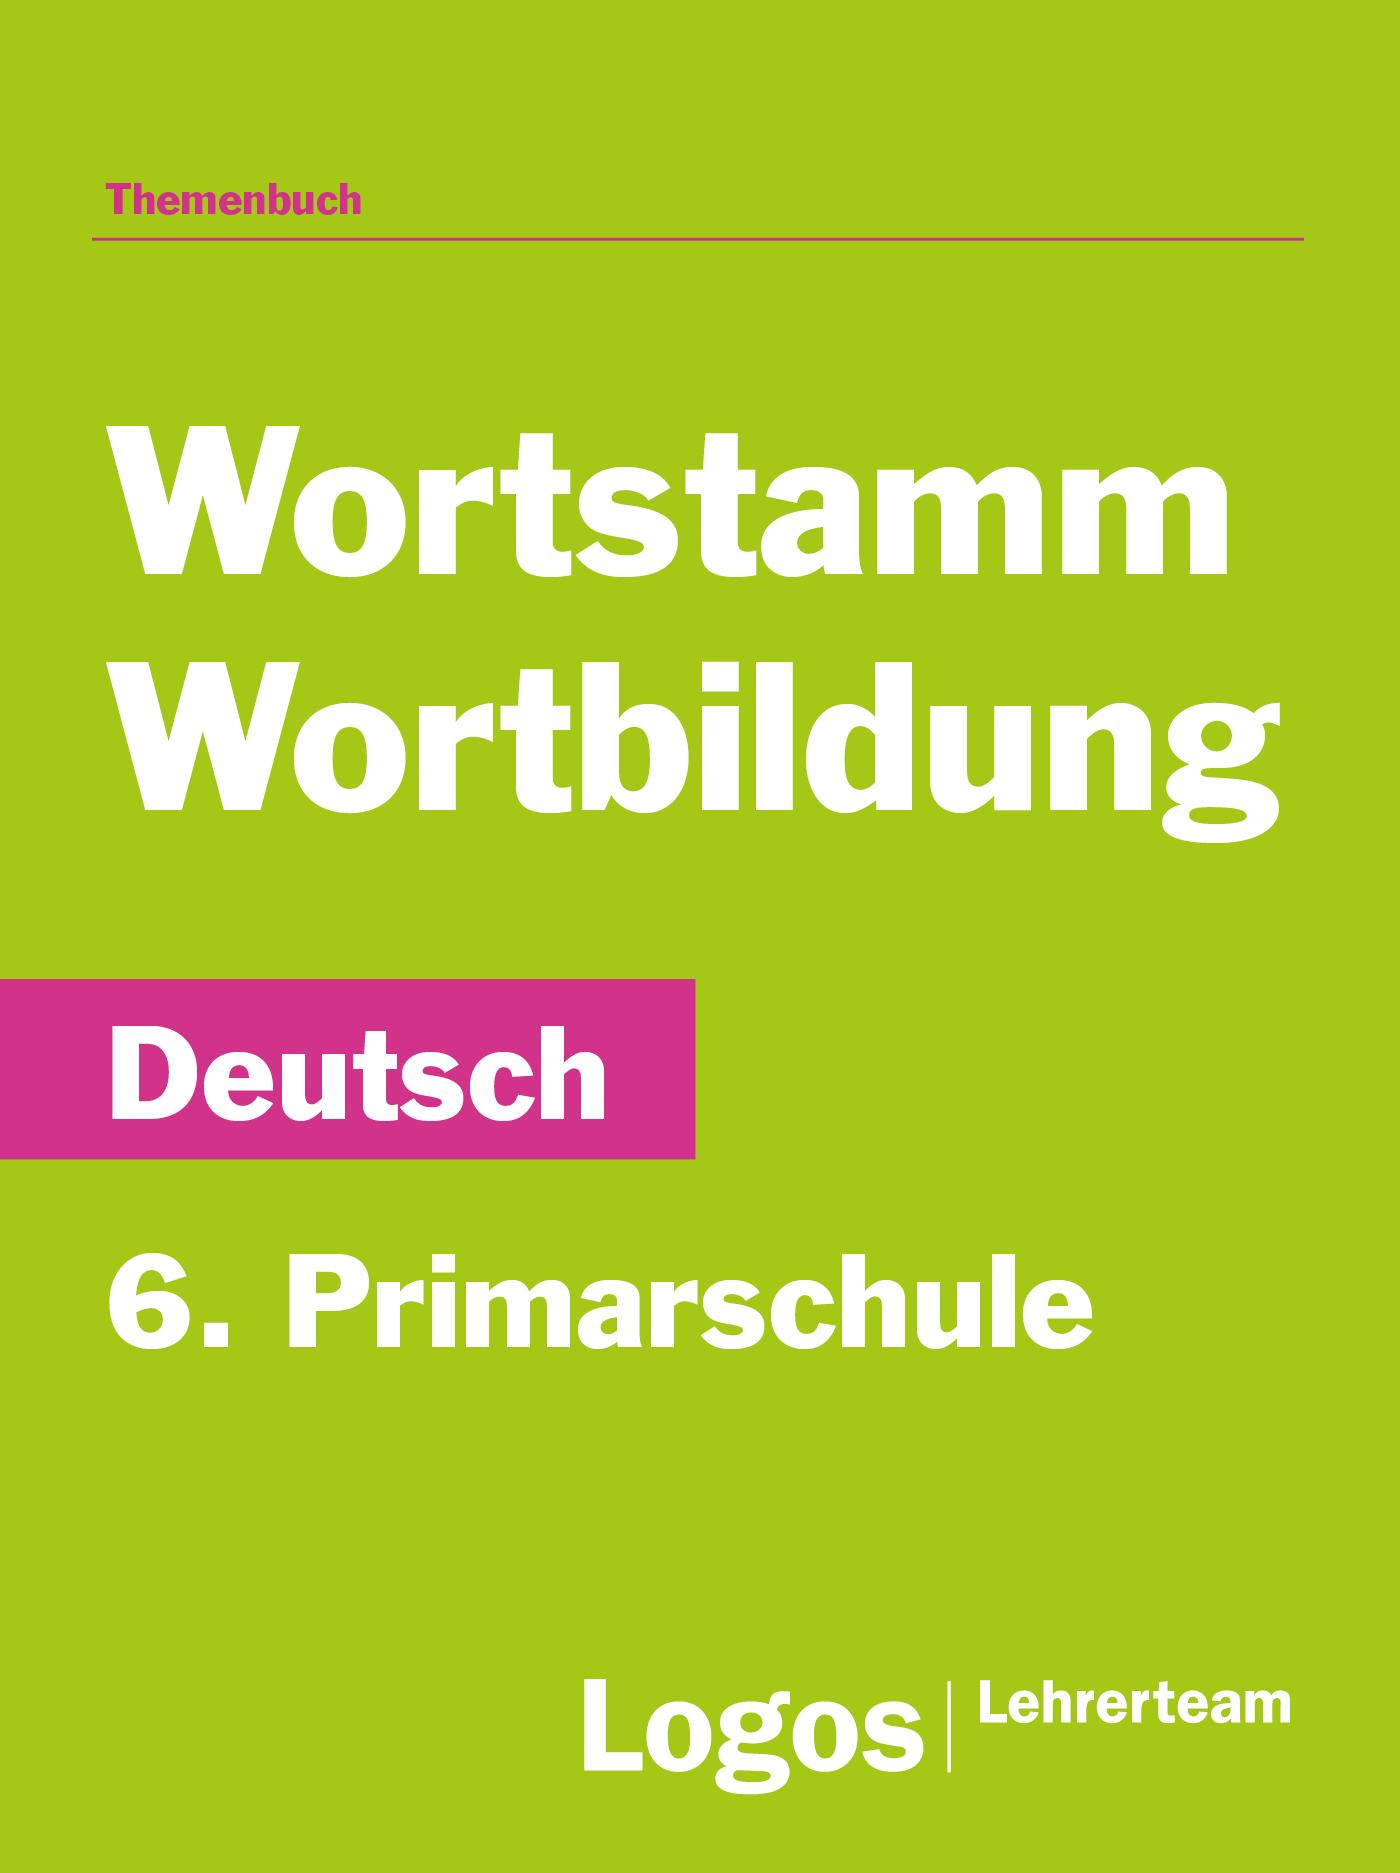 Deutsch Wortstamm und Wortbildung - 6. Primarschule